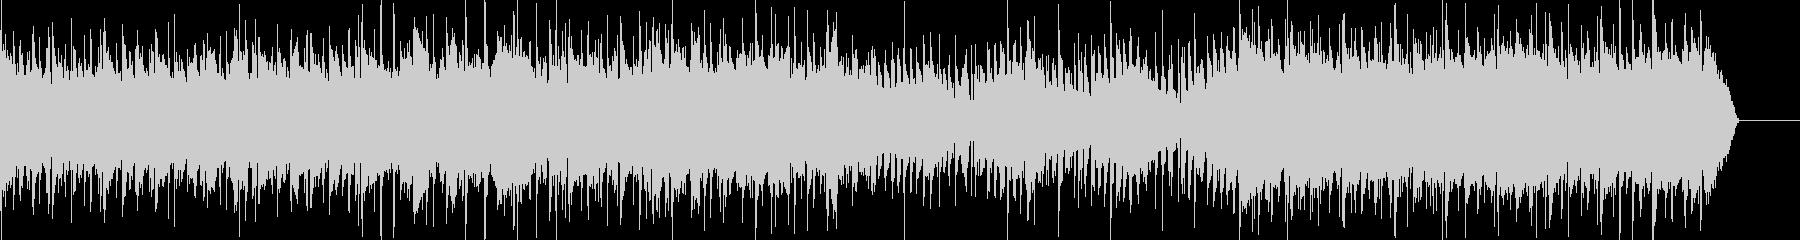 産業用のサウンドドラムとキーボード...の未再生の波形